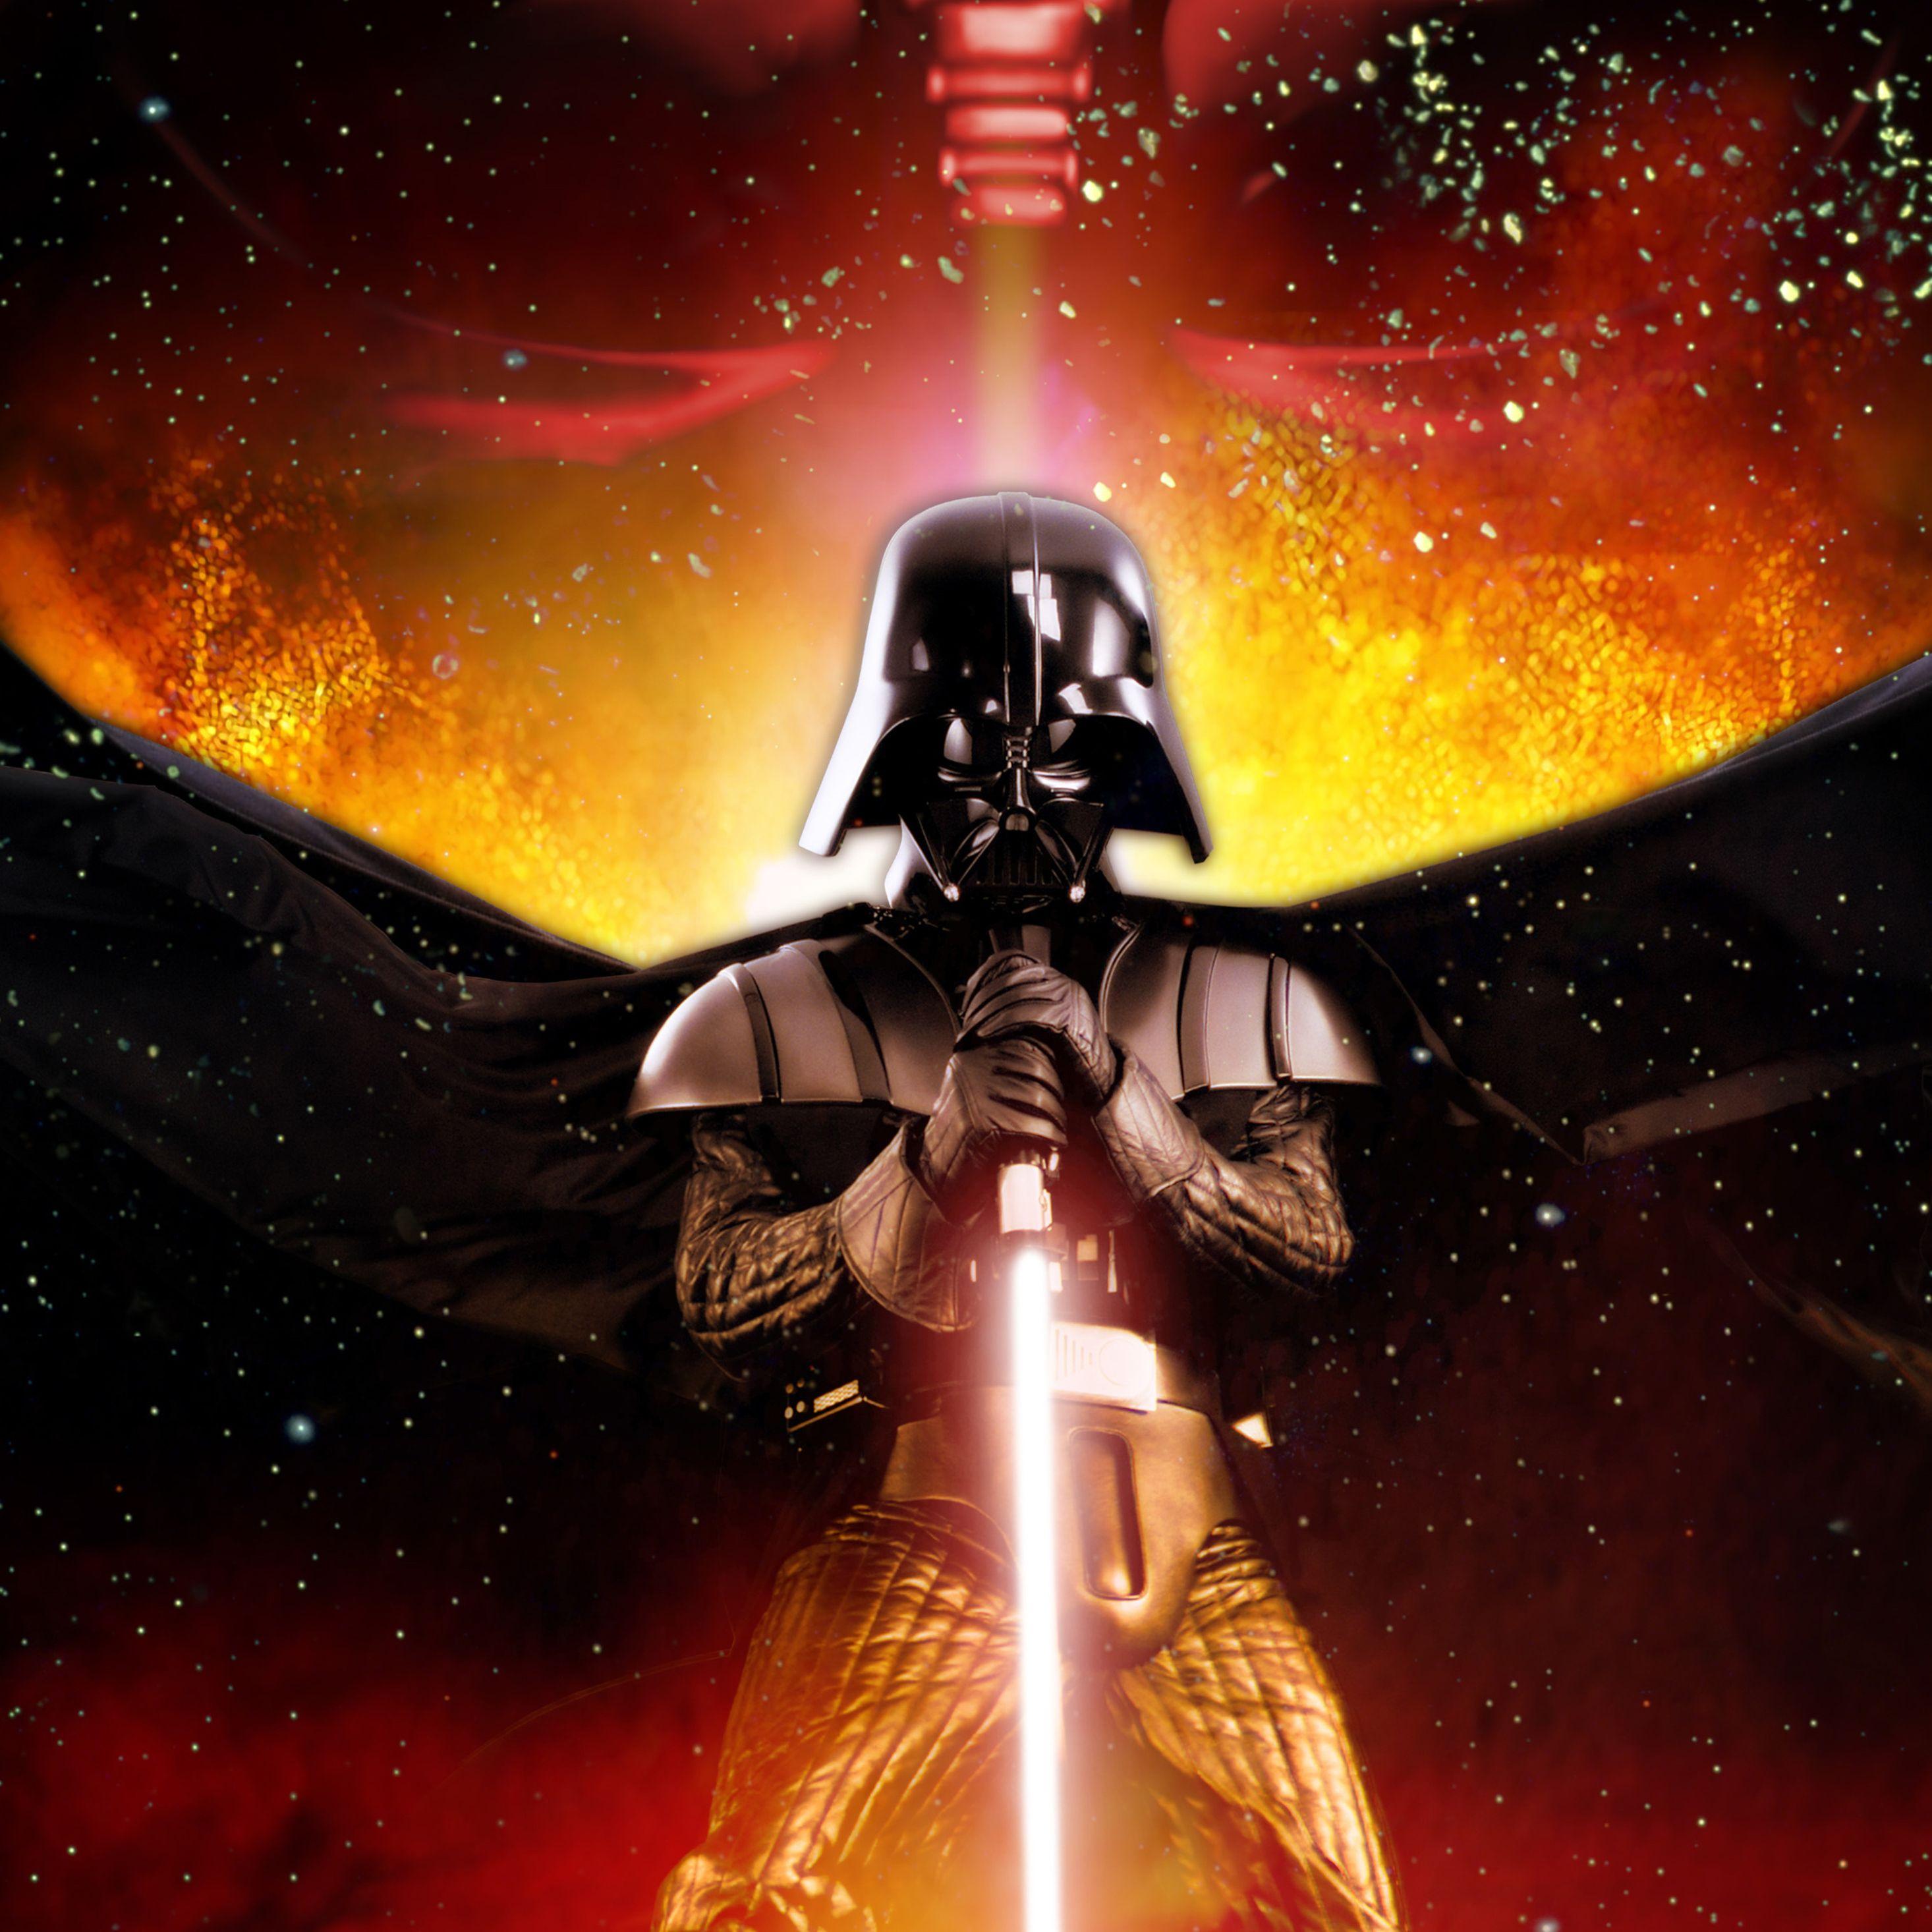 Darth Vader Star Wars Series Wallpapers Wallpaper Cave